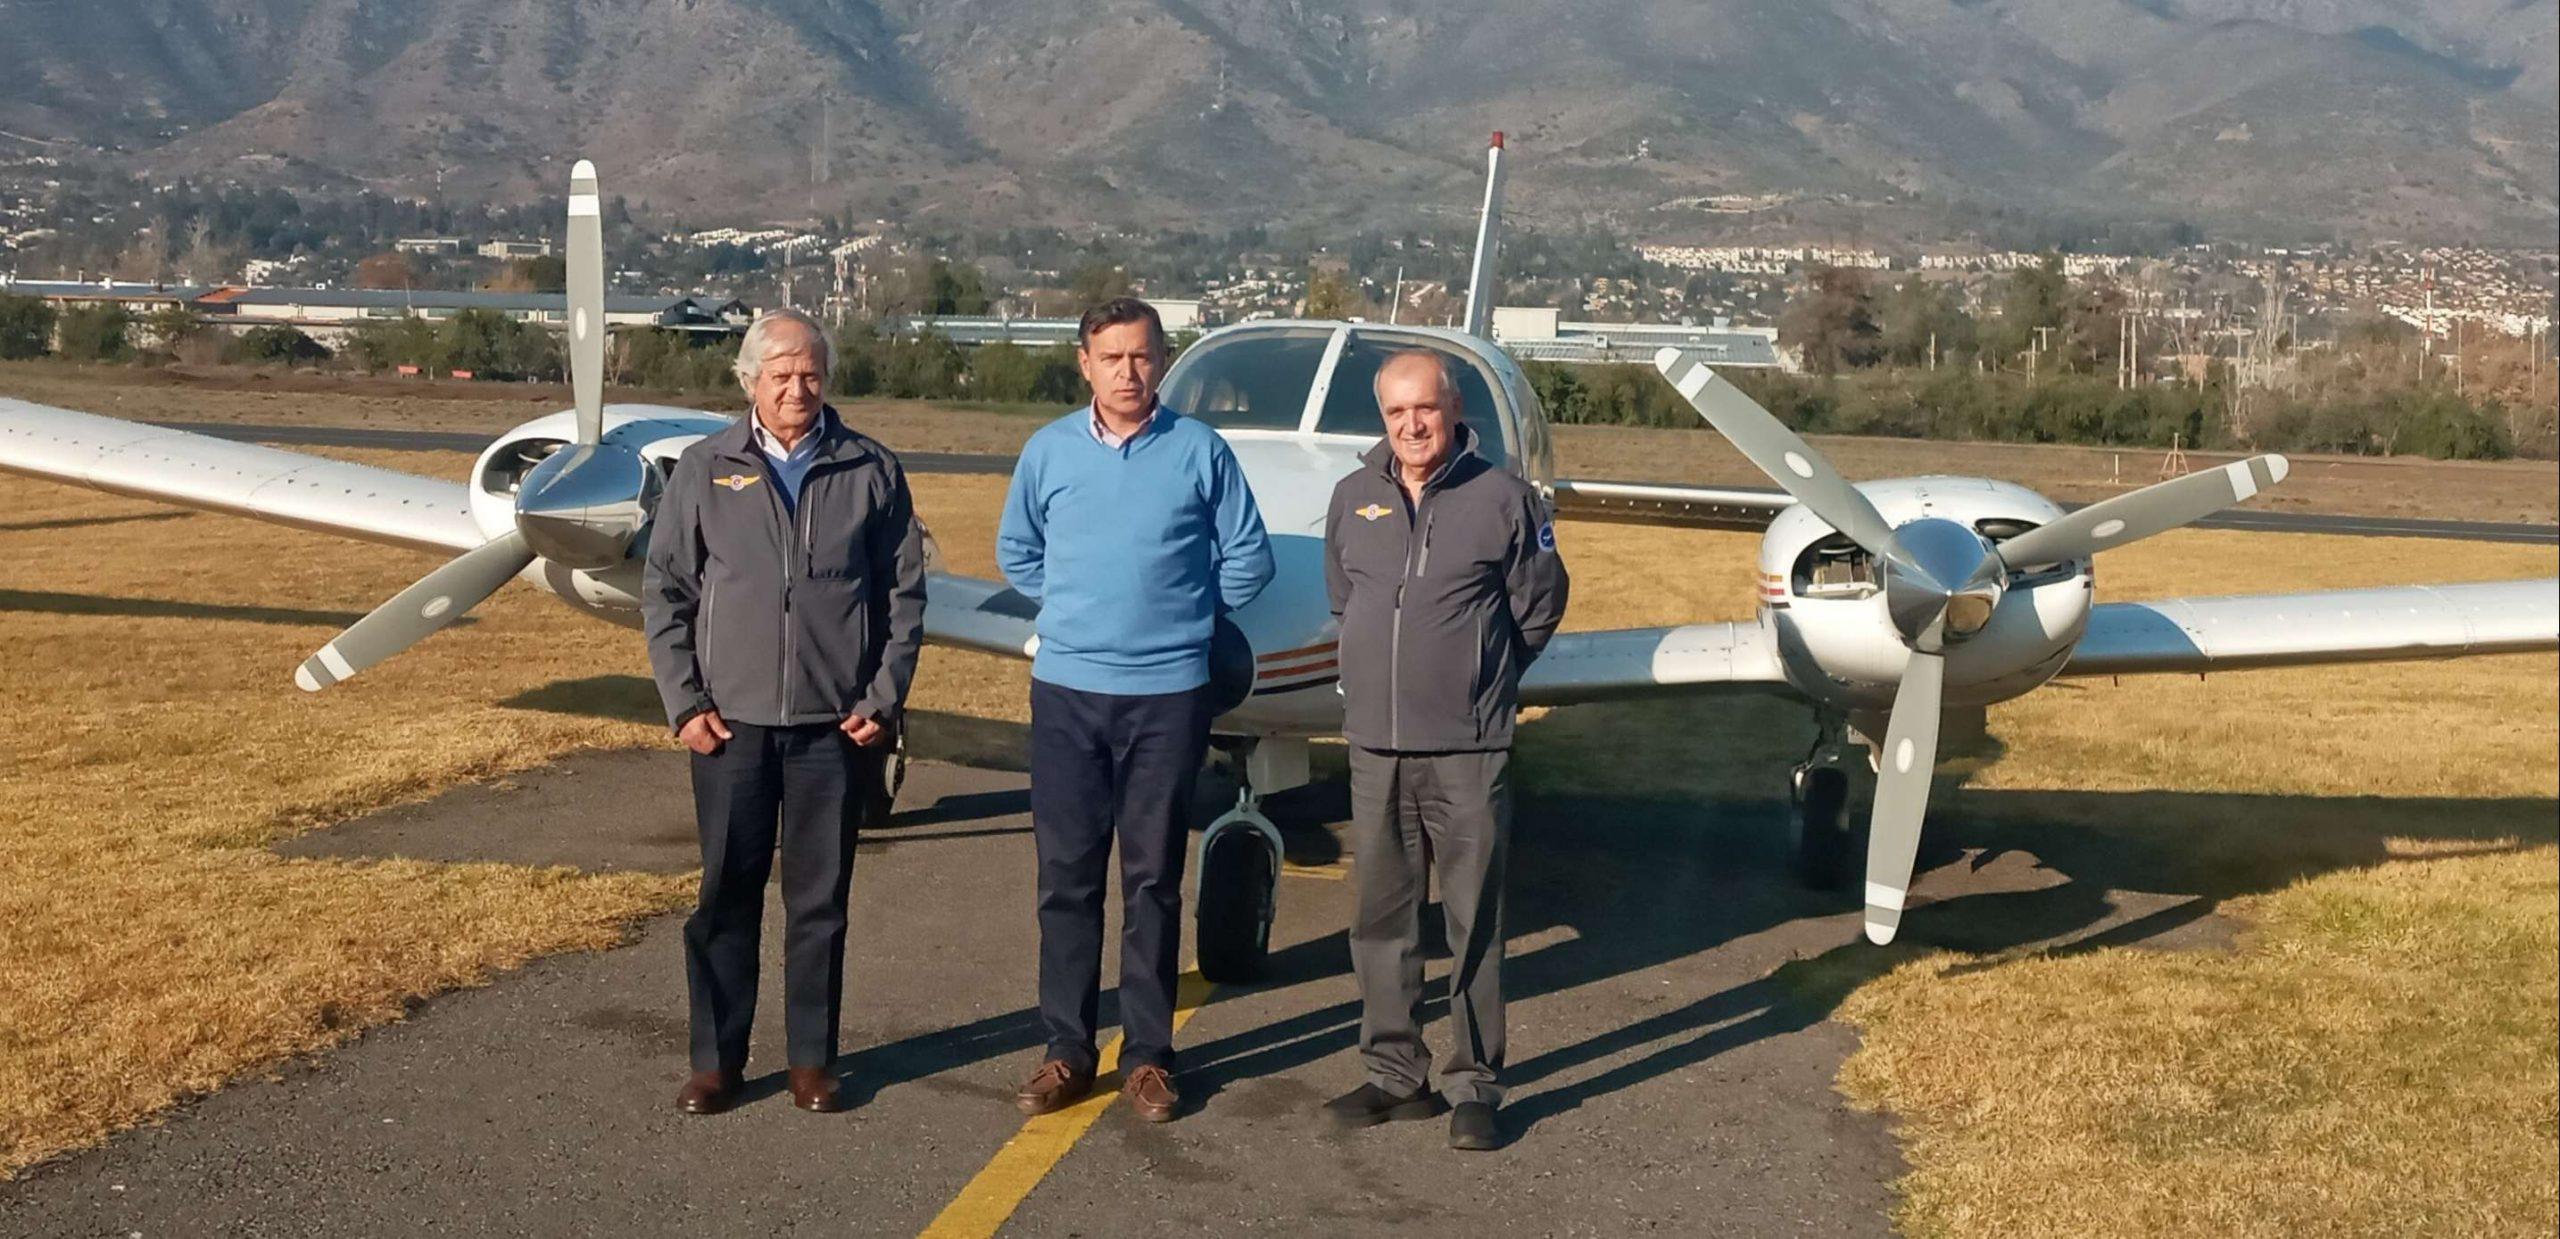 DGAC Certifica a Instructores CAS para Toma de Examen de Obtención de Habilitación de Avión Multimotor